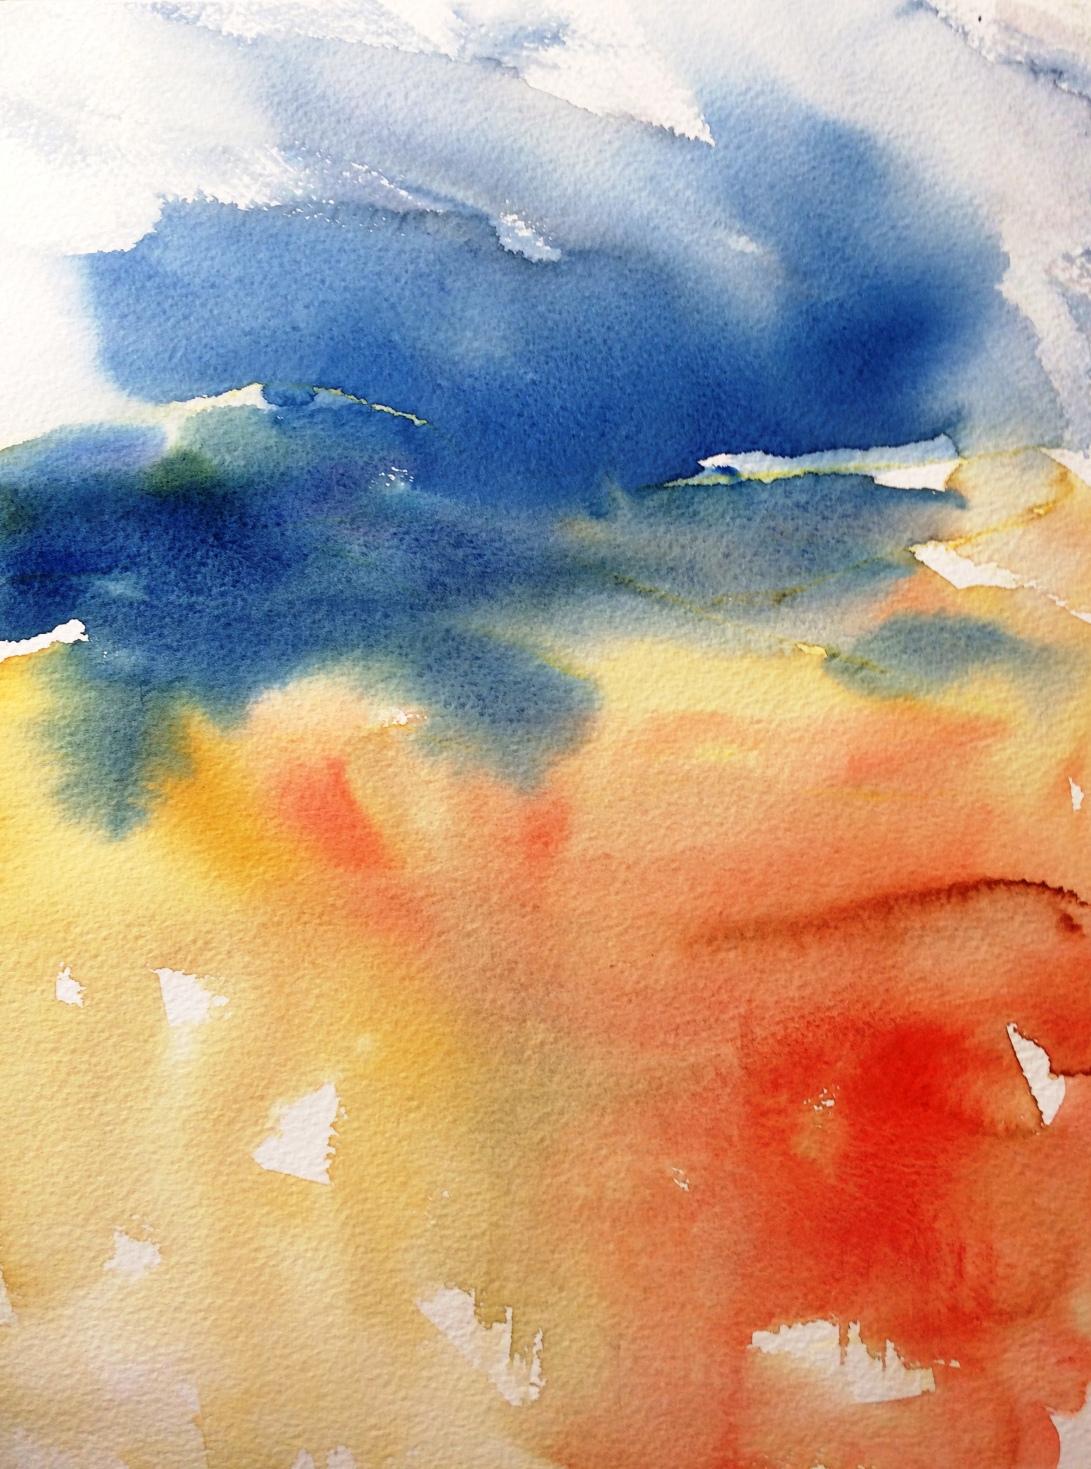 Watercolour painting, 'Autumn breeze'